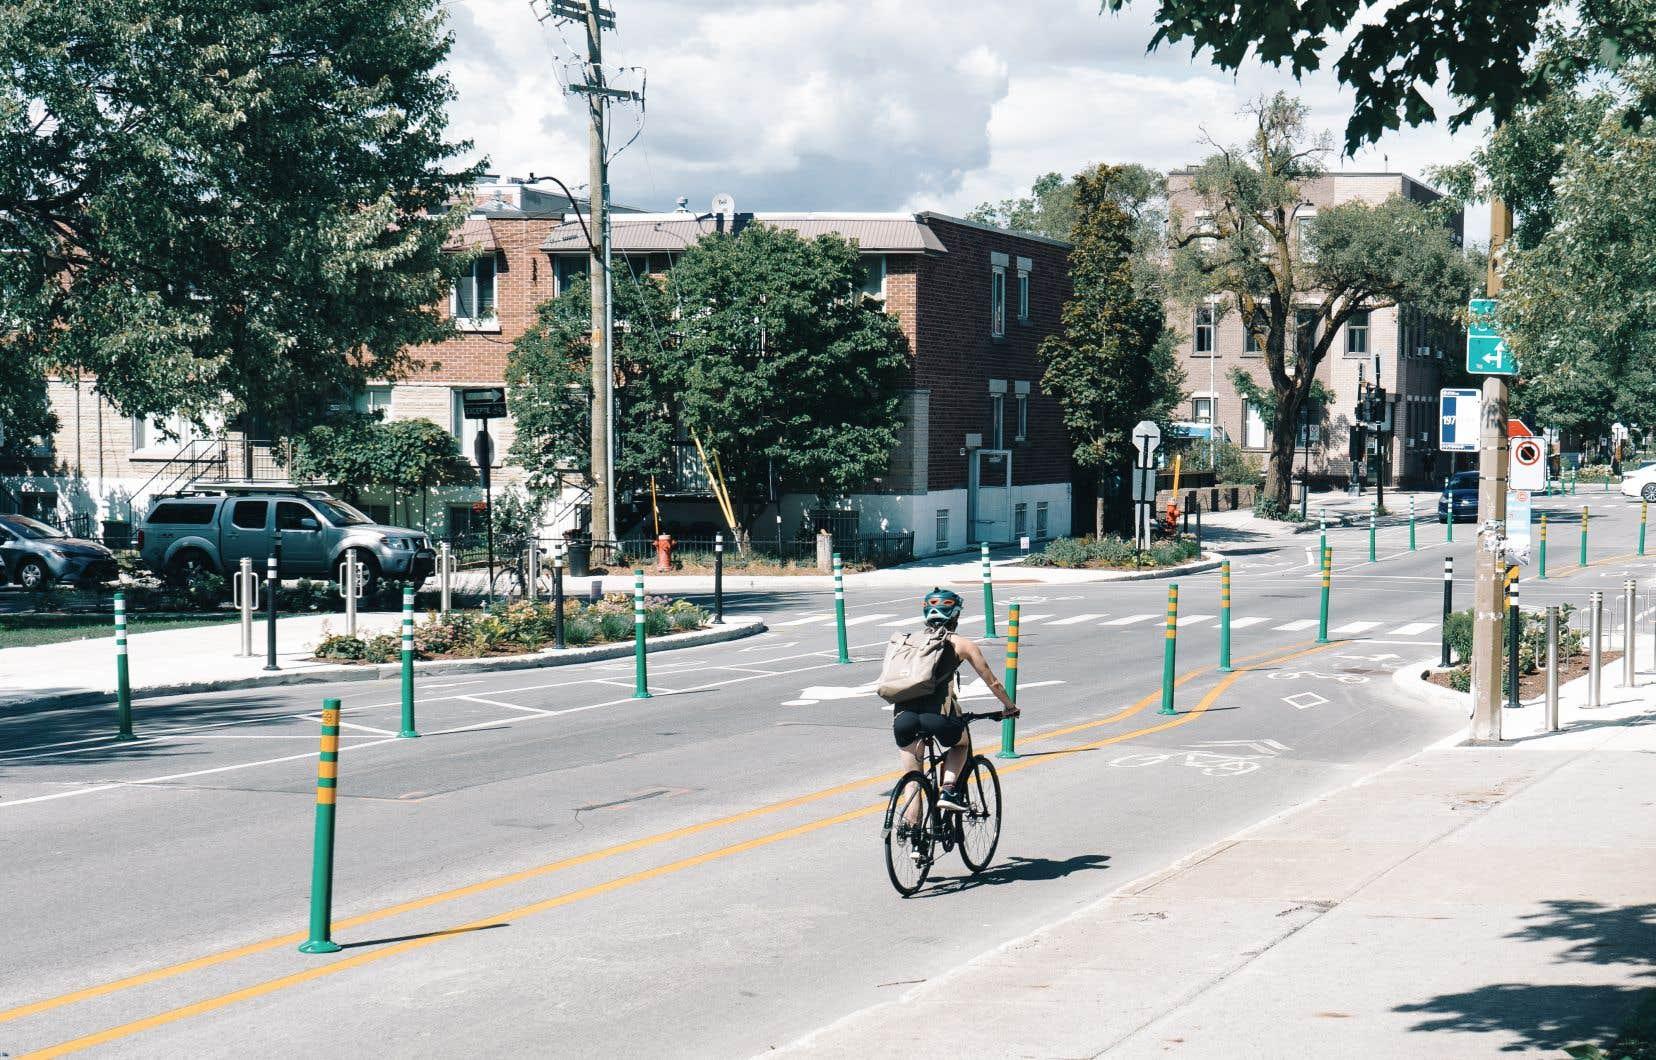 2556 places de stationnement non-tarifées et 288 places tarifées ont été retirées pour faire place à des projets de pistes cyclables, comme sur la rue Bellechasse (en photo).